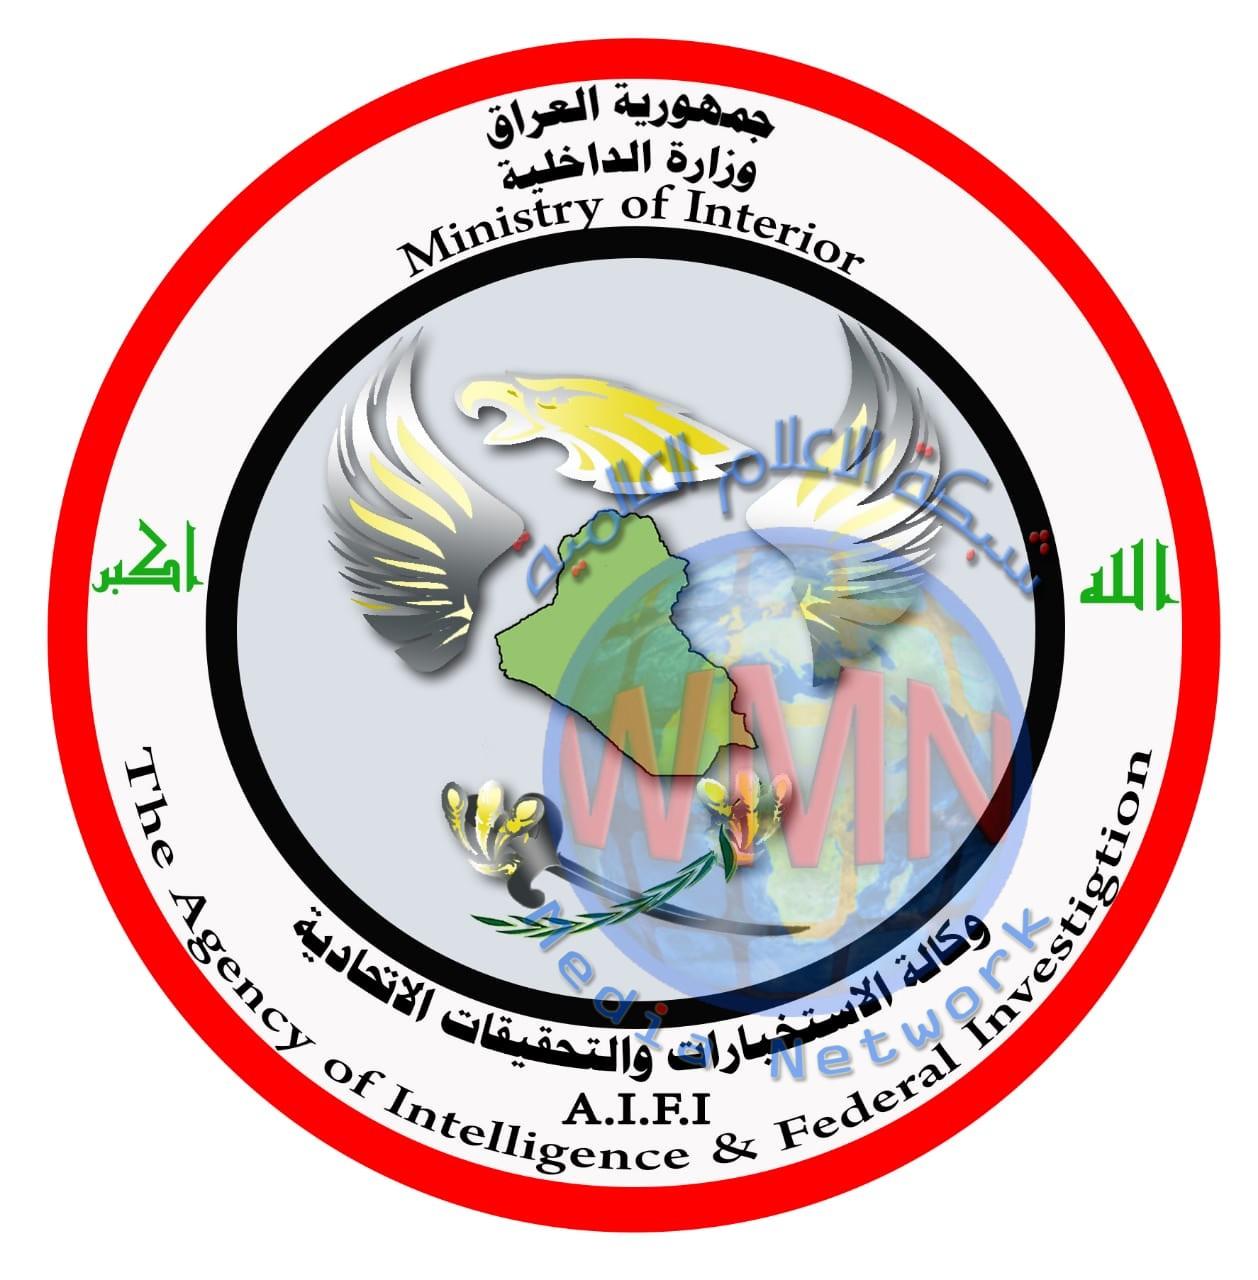 وكالة الاستخبارات تلقي القبض على (١٠) إرهابيين وتضبط كدس للعتاد في صلاح الدين